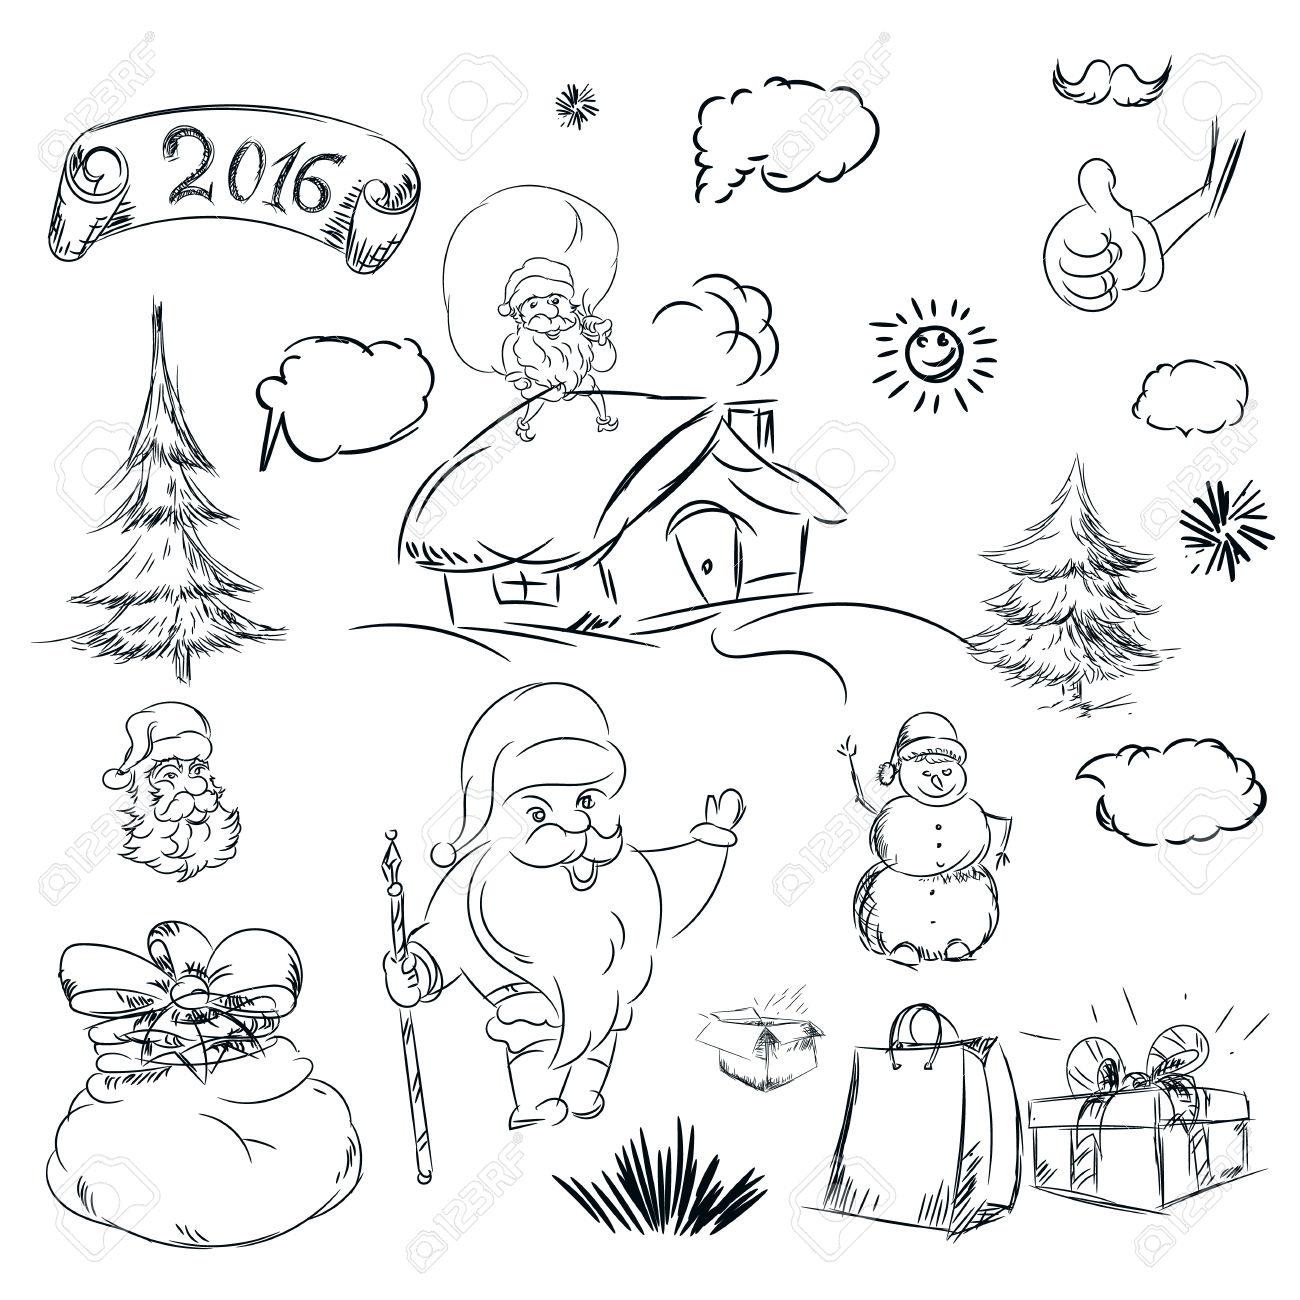 1300x1300 Pencil Sketch Photo Of Santa Claus Santa Claus Drawing Drawing